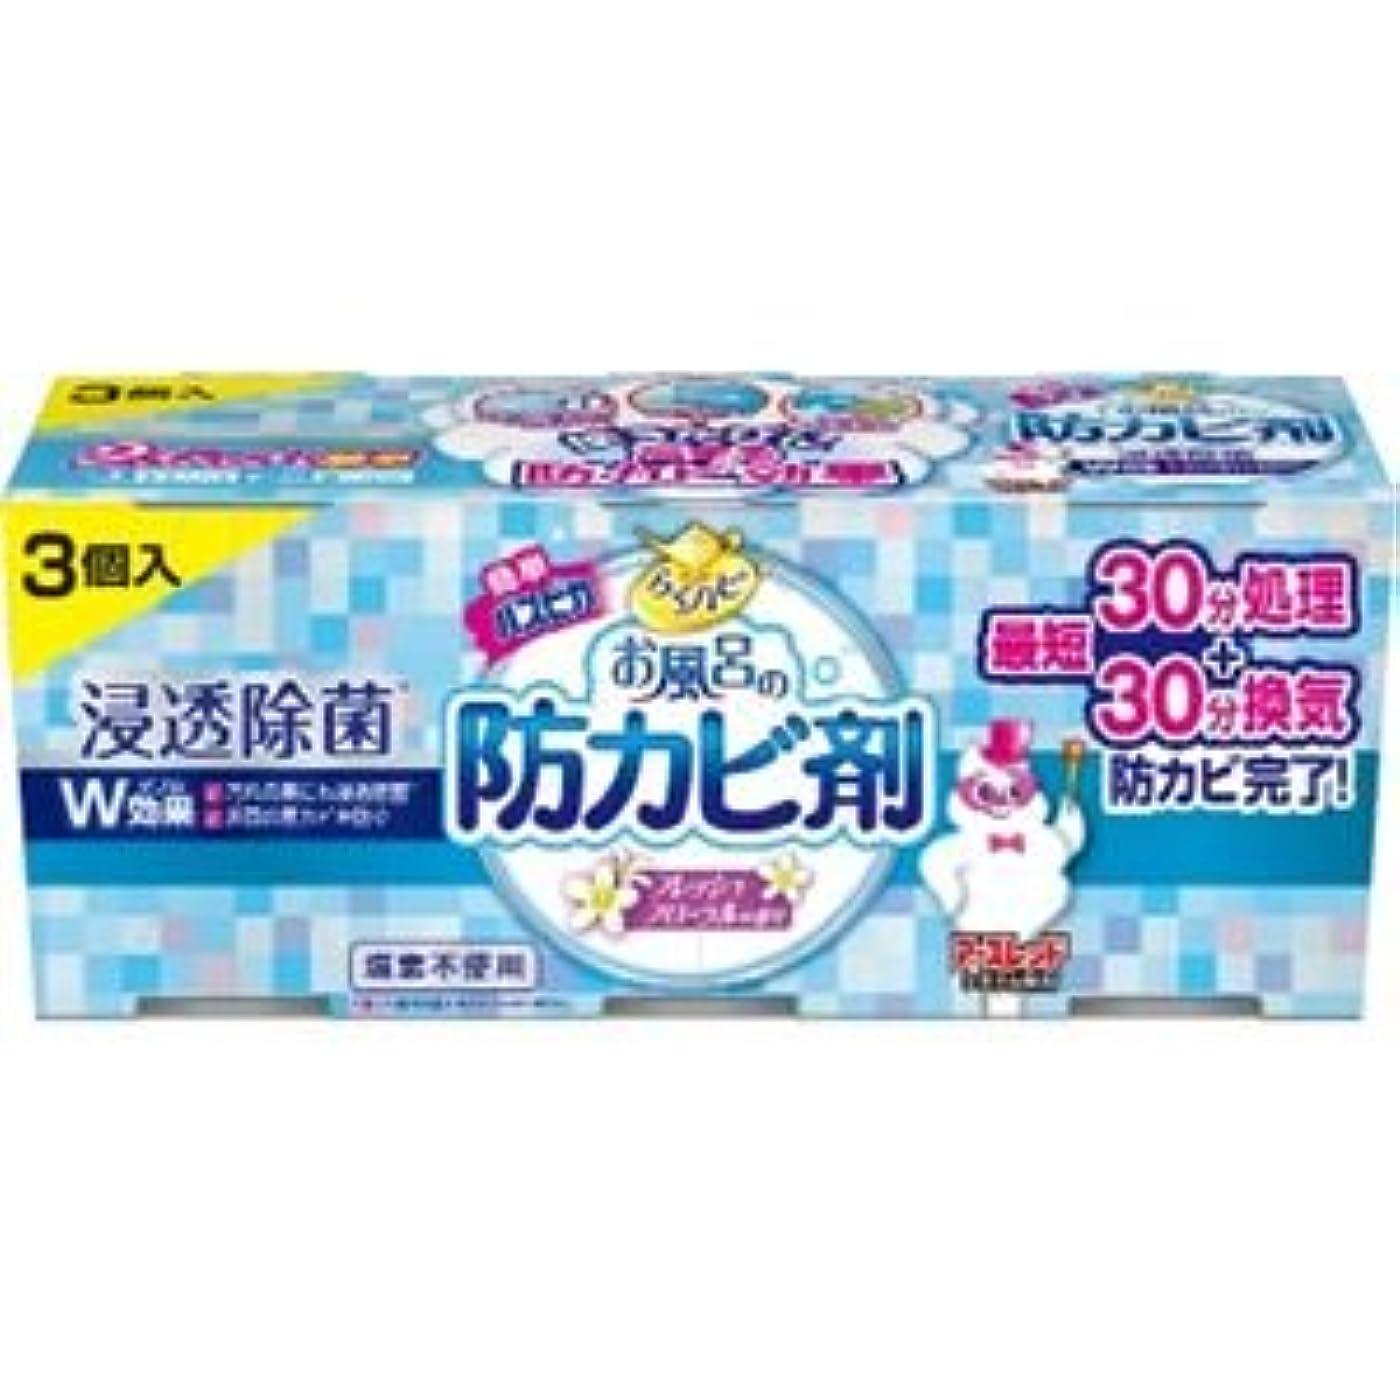 交換助けて勝者(まとめ)アース製薬 らくハピお風呂の防カビ剤フローラル3個パック 【×3点セット】